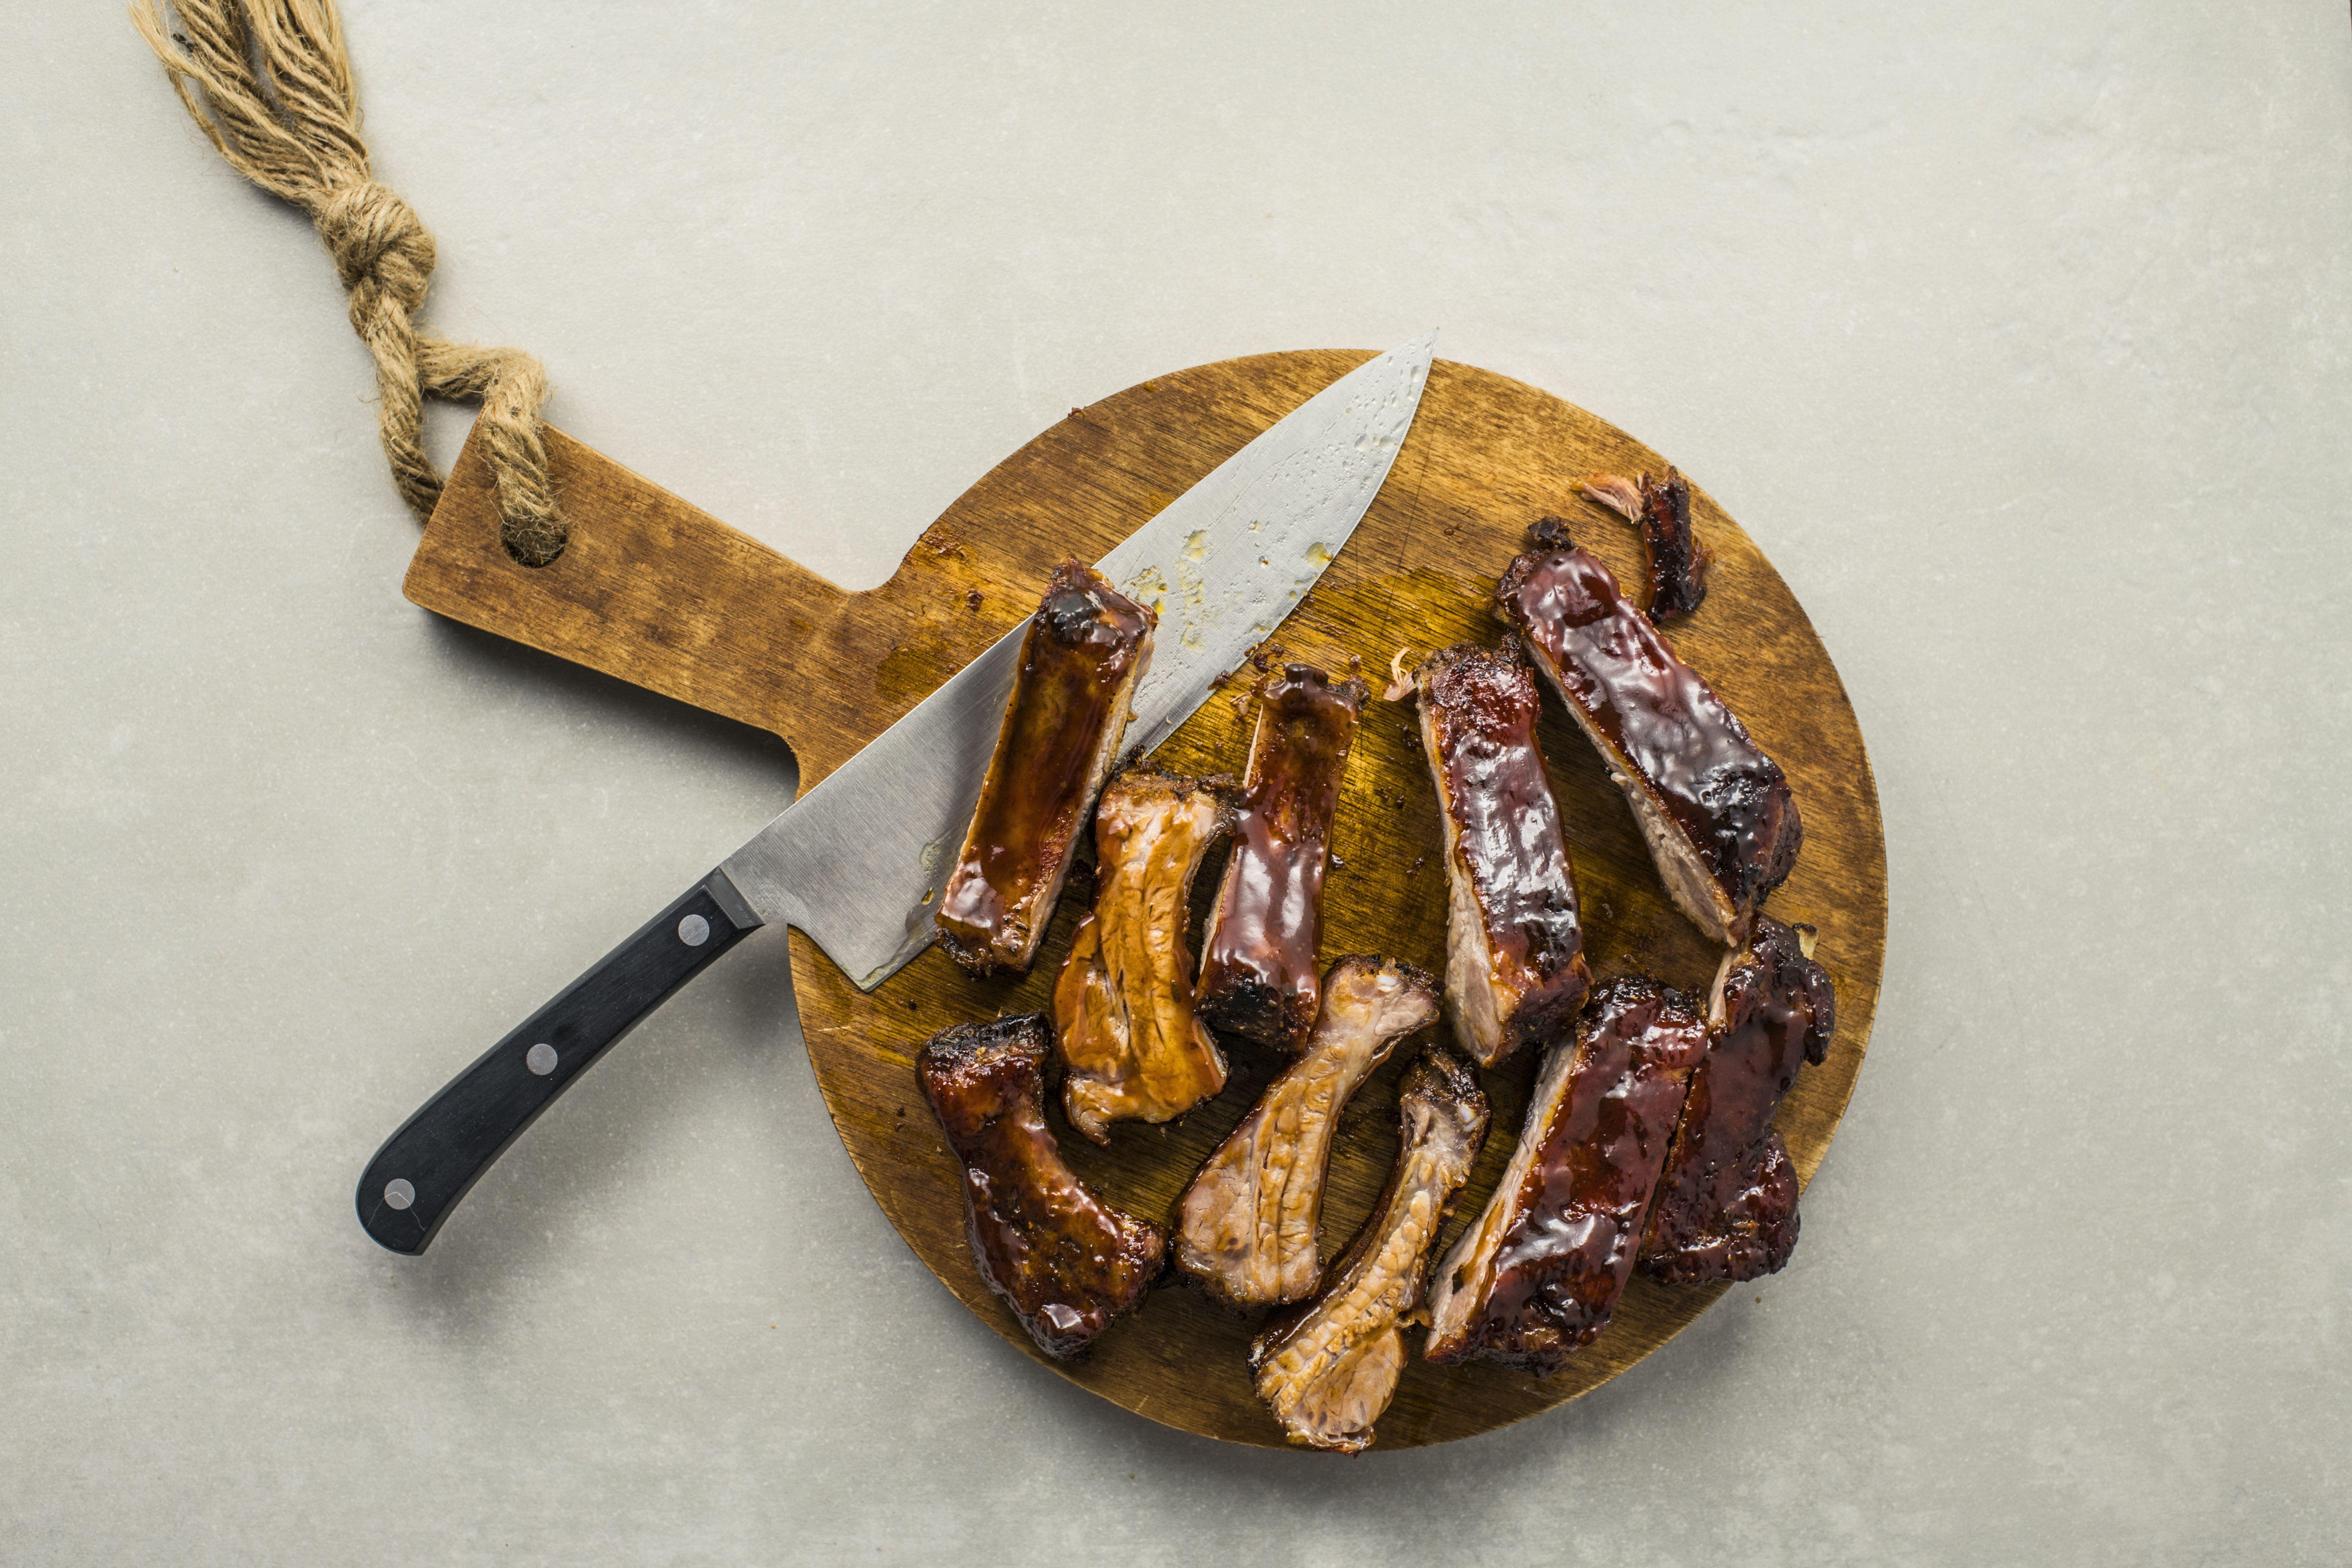 Cut ribs on a cutting board